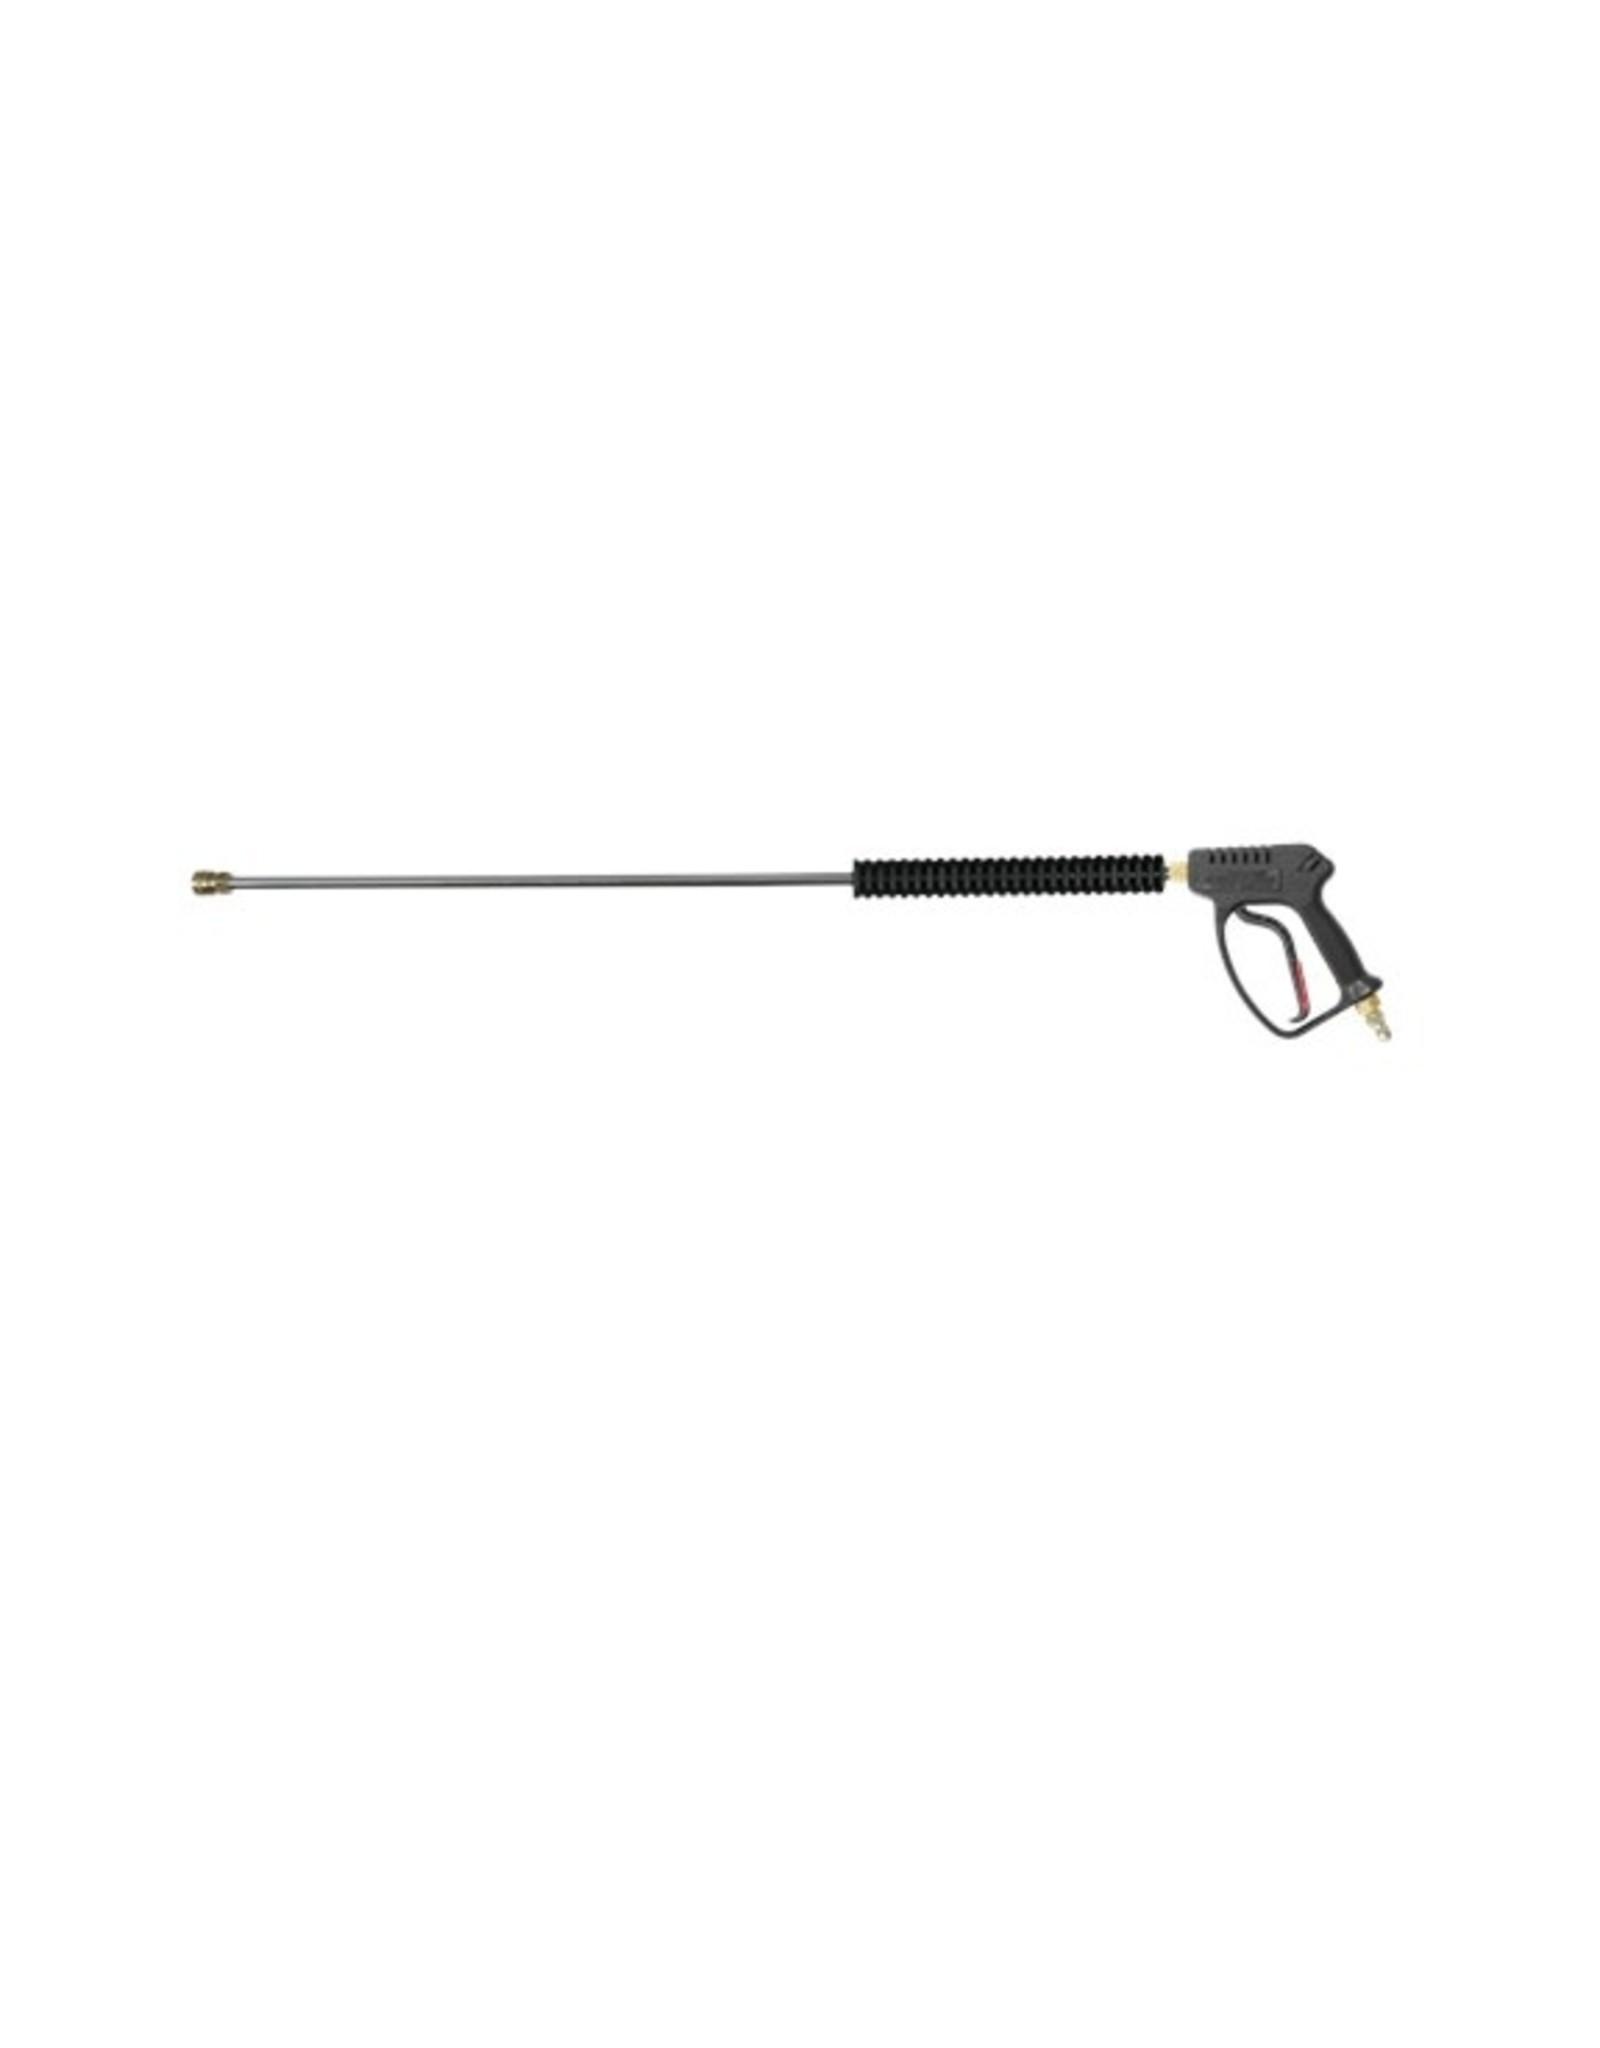 BE 85.205.064 Hot Water Gun/Wand